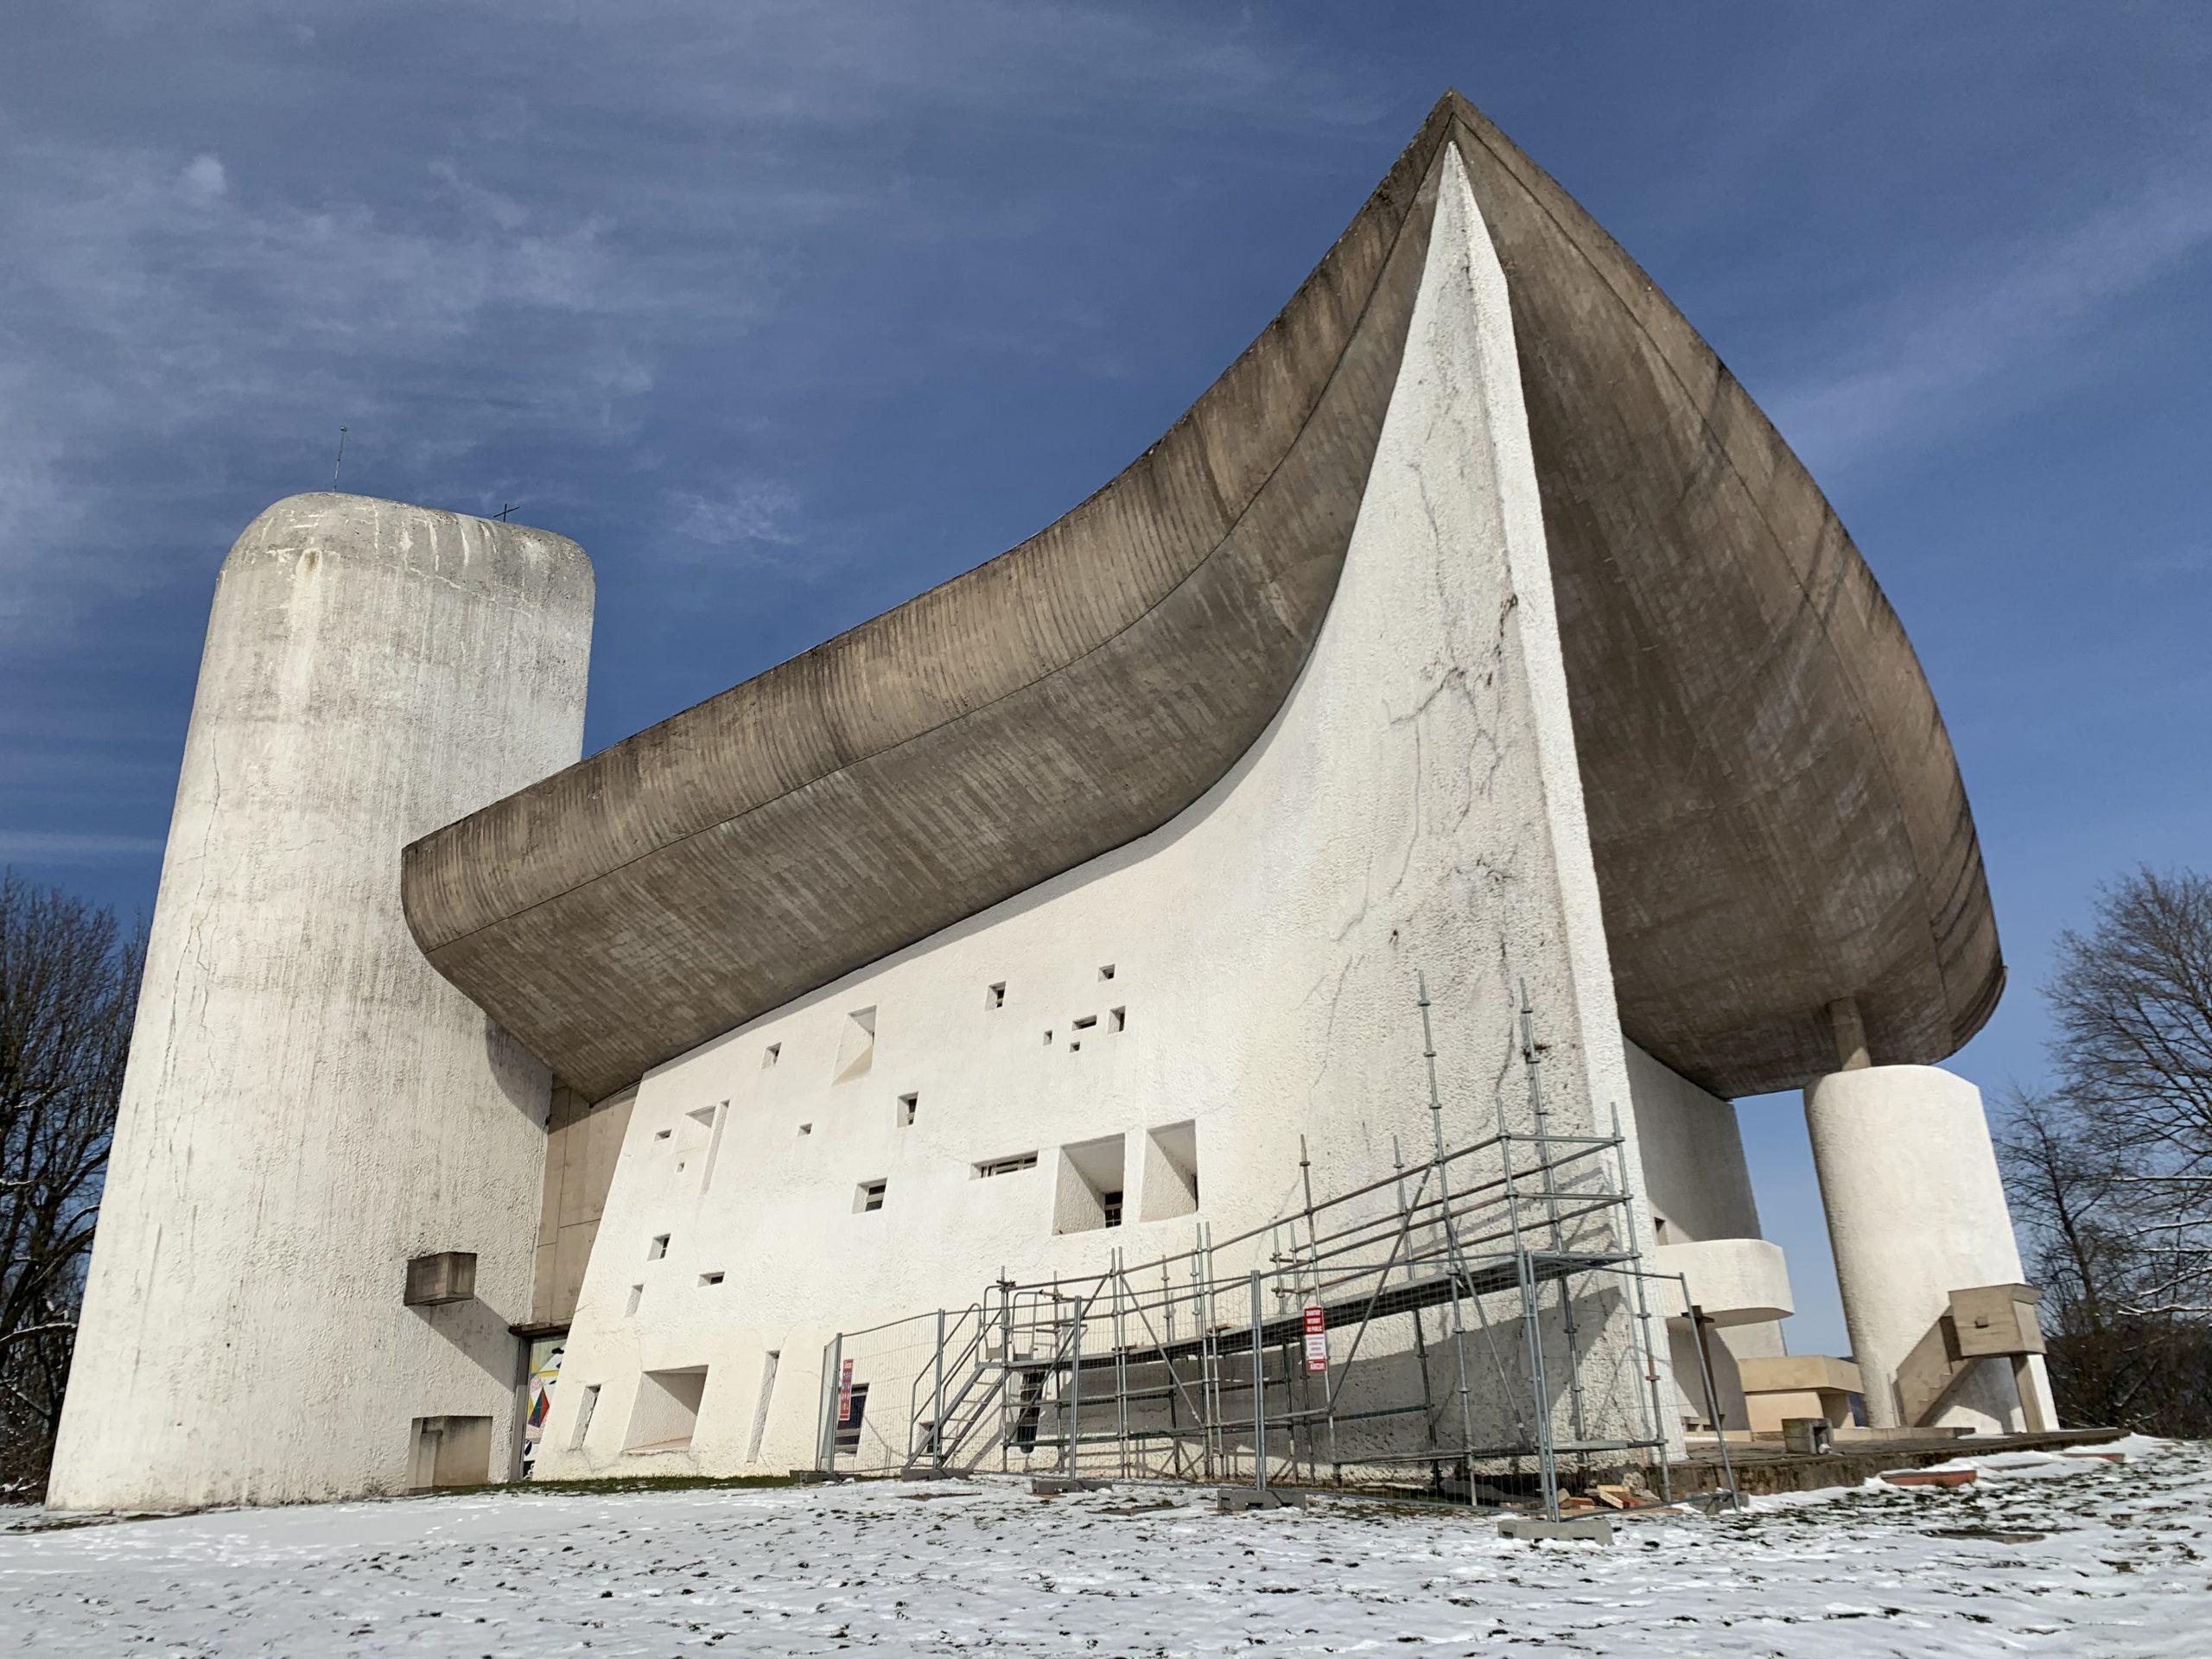 Les travaux de rénovation de la chapelle Le Corbusier, à Ronchamp, débutent.